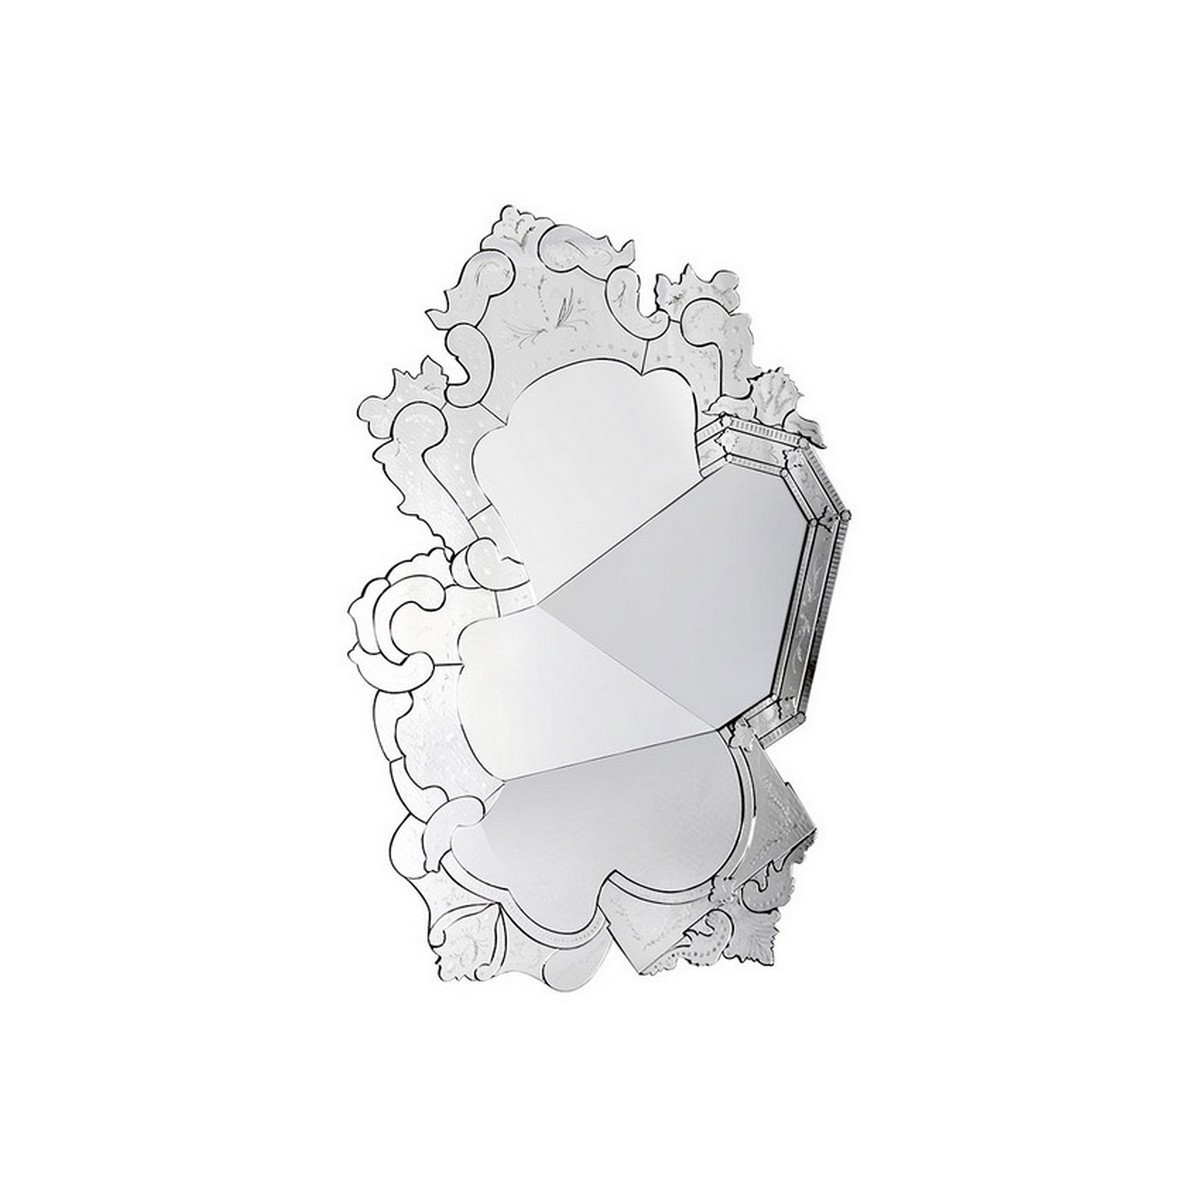 Diseño de Interiores: ideas para piezas elegantes y lujuosas diseño de interiores Diseño de Interiores: ideas para piezas elegantes y lujuosas venice mirror boca do lobo 01